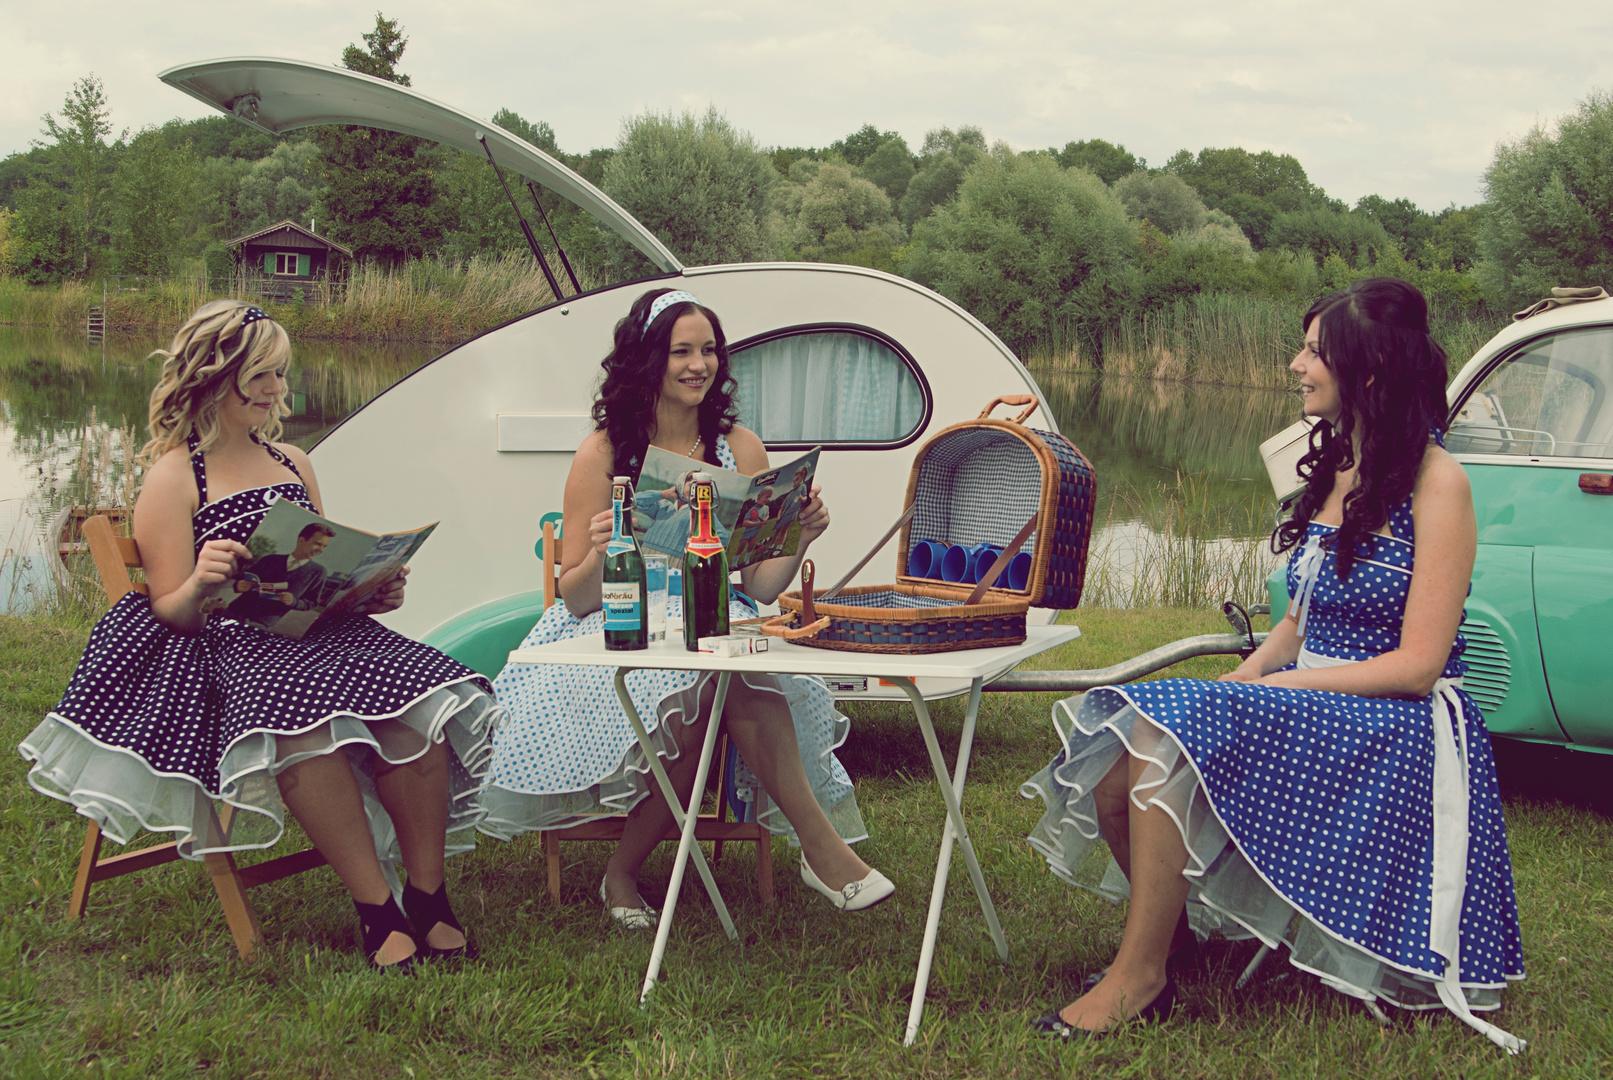 camping der 50er jahre foto bild erwachsene menschen. Black Bedroom Furniture Sets. Home Design Ideas